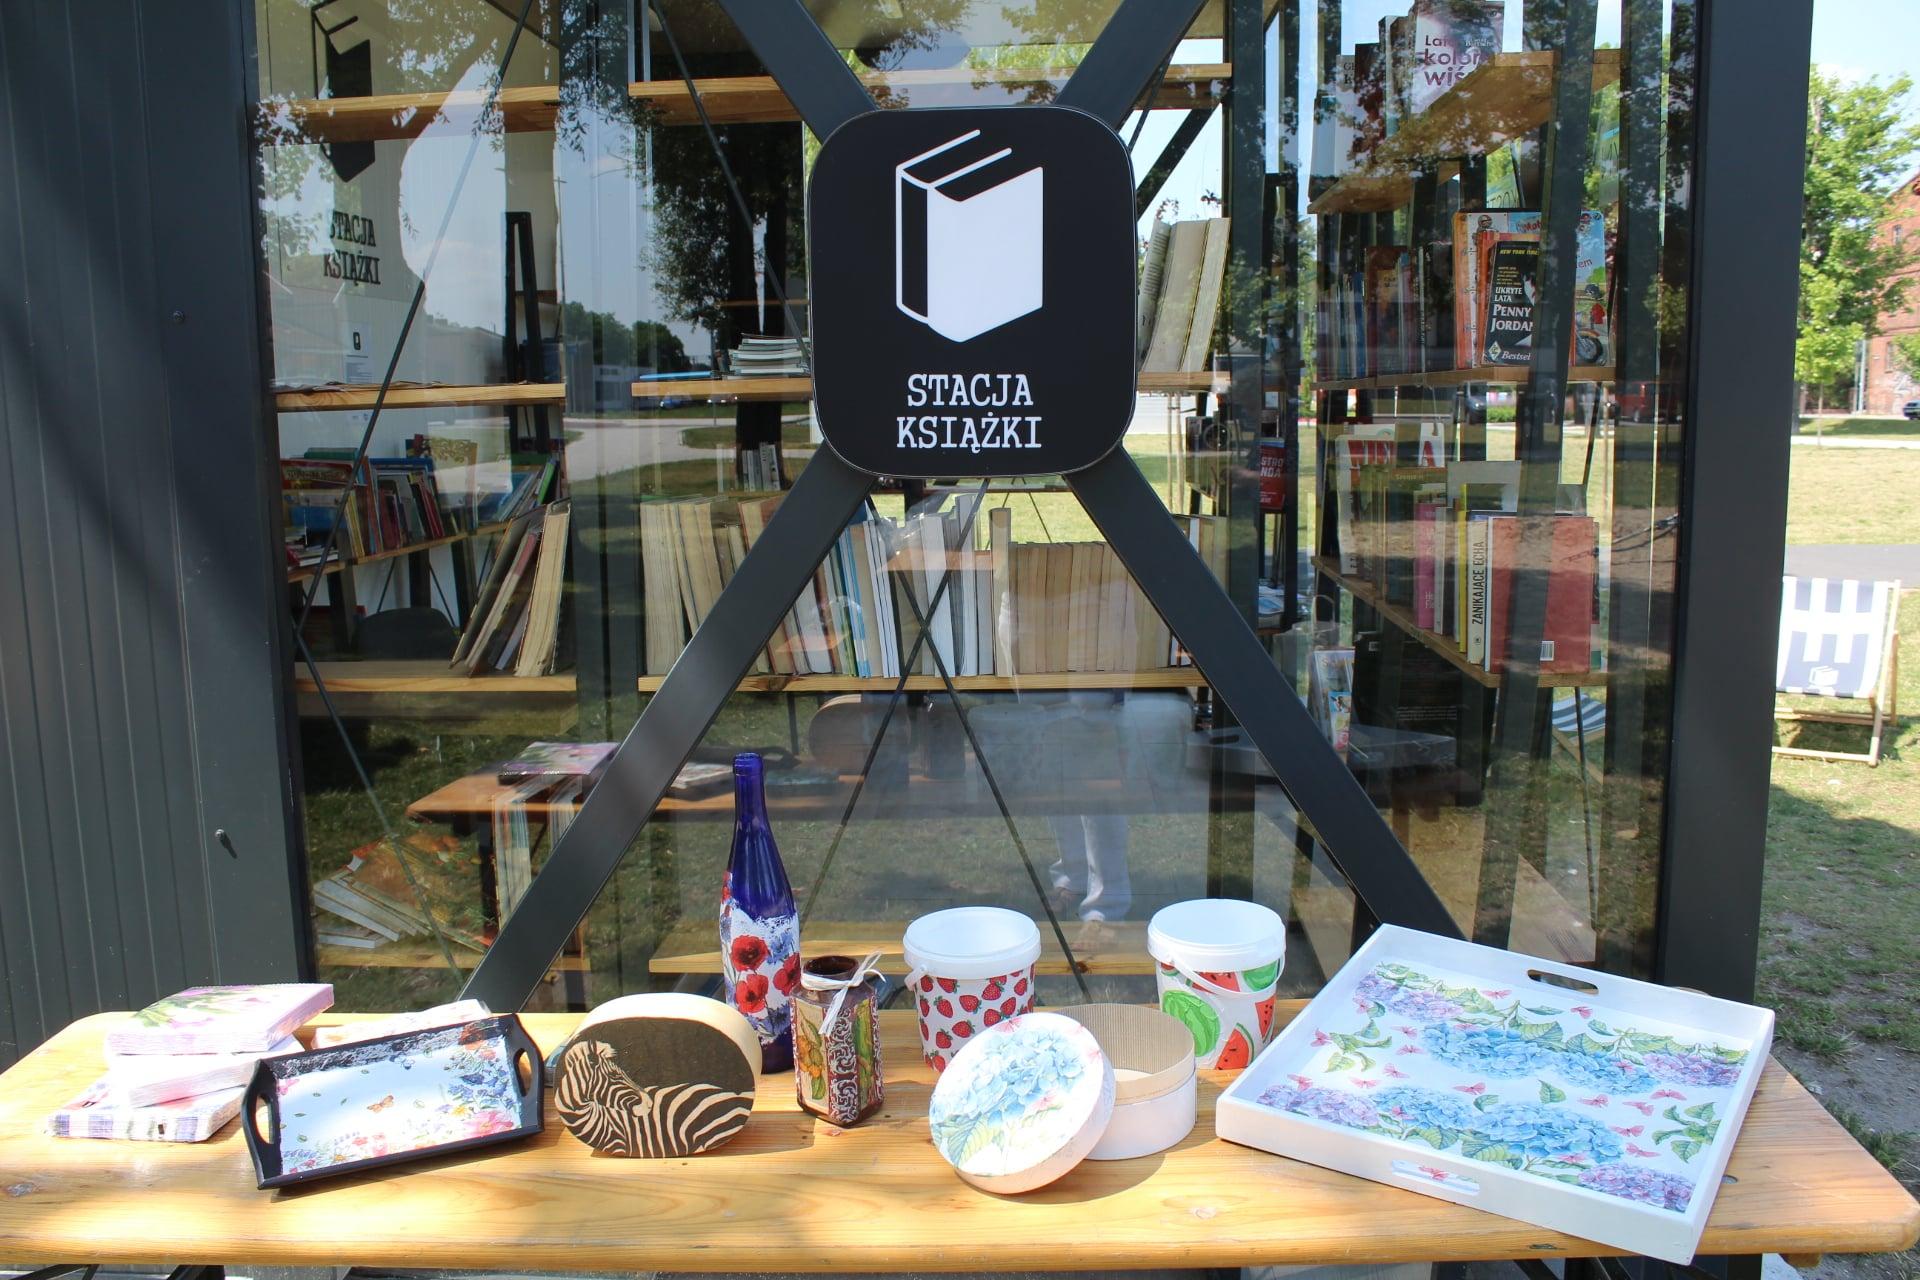 Na stole przy Stacji Książki leżą prace wykonane podczas warsztatów decoupage